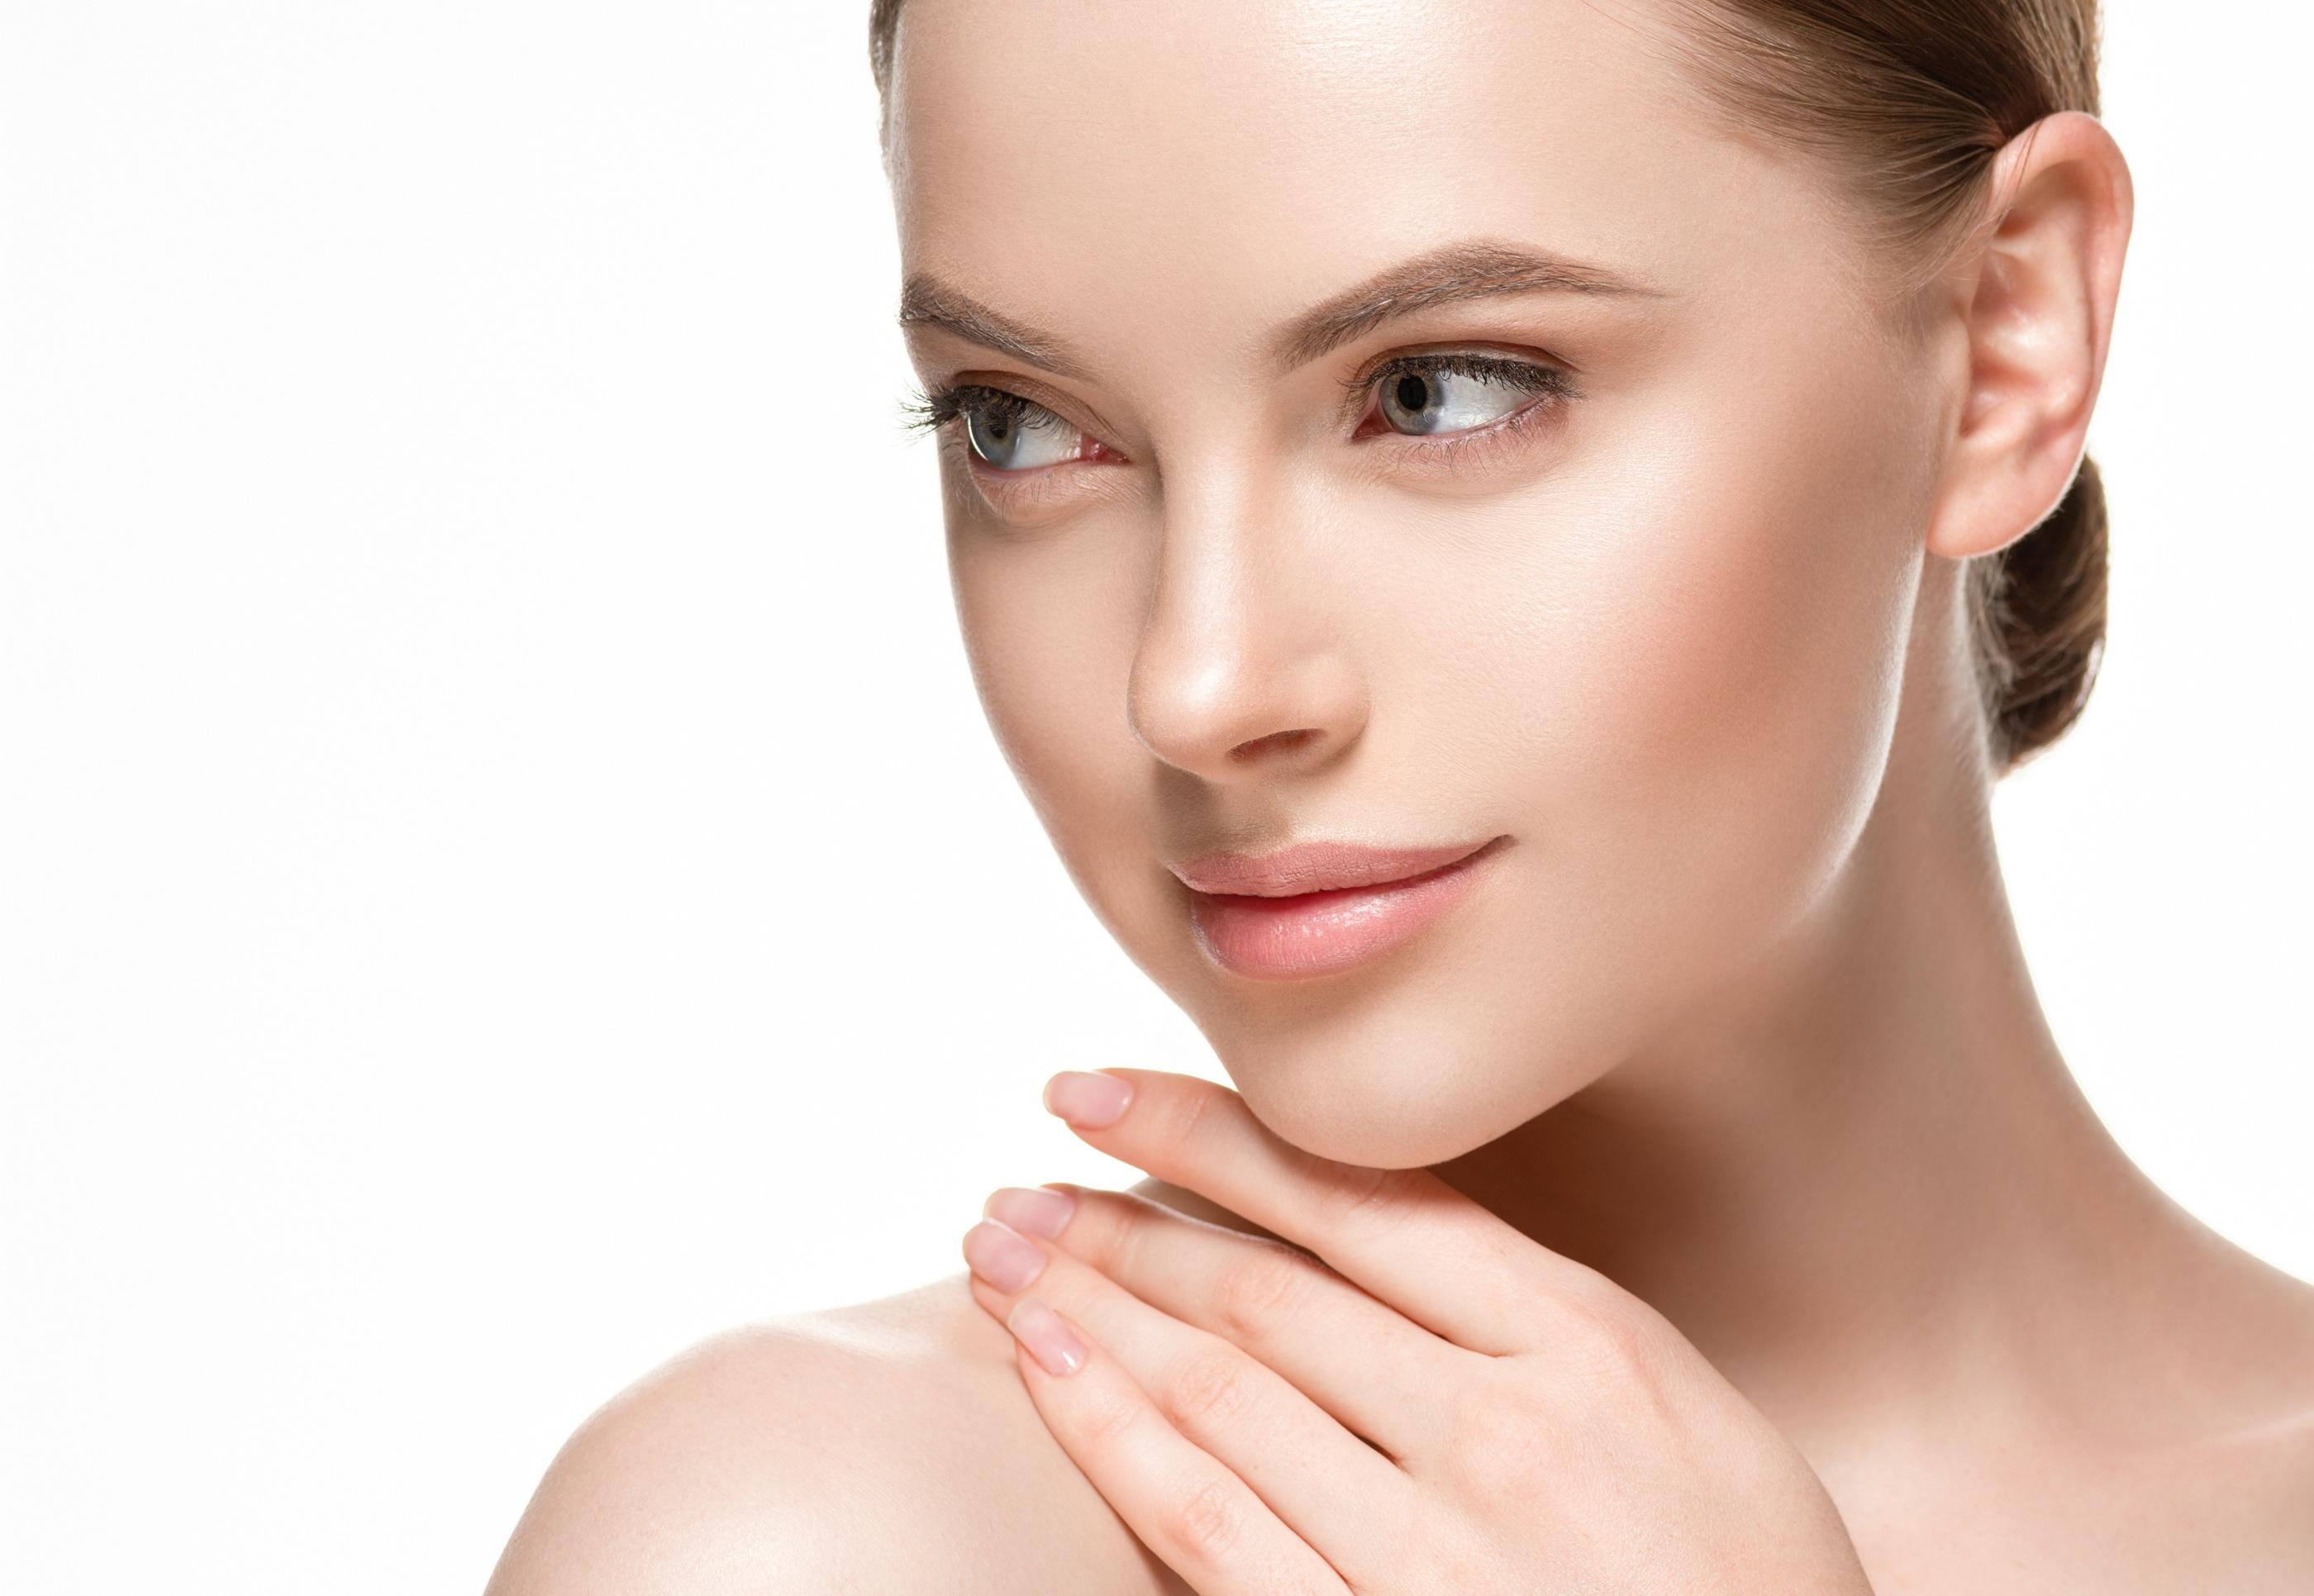 Médecine esthétique - Docteur Pierre Laur - Chirurgie de la face et du cou